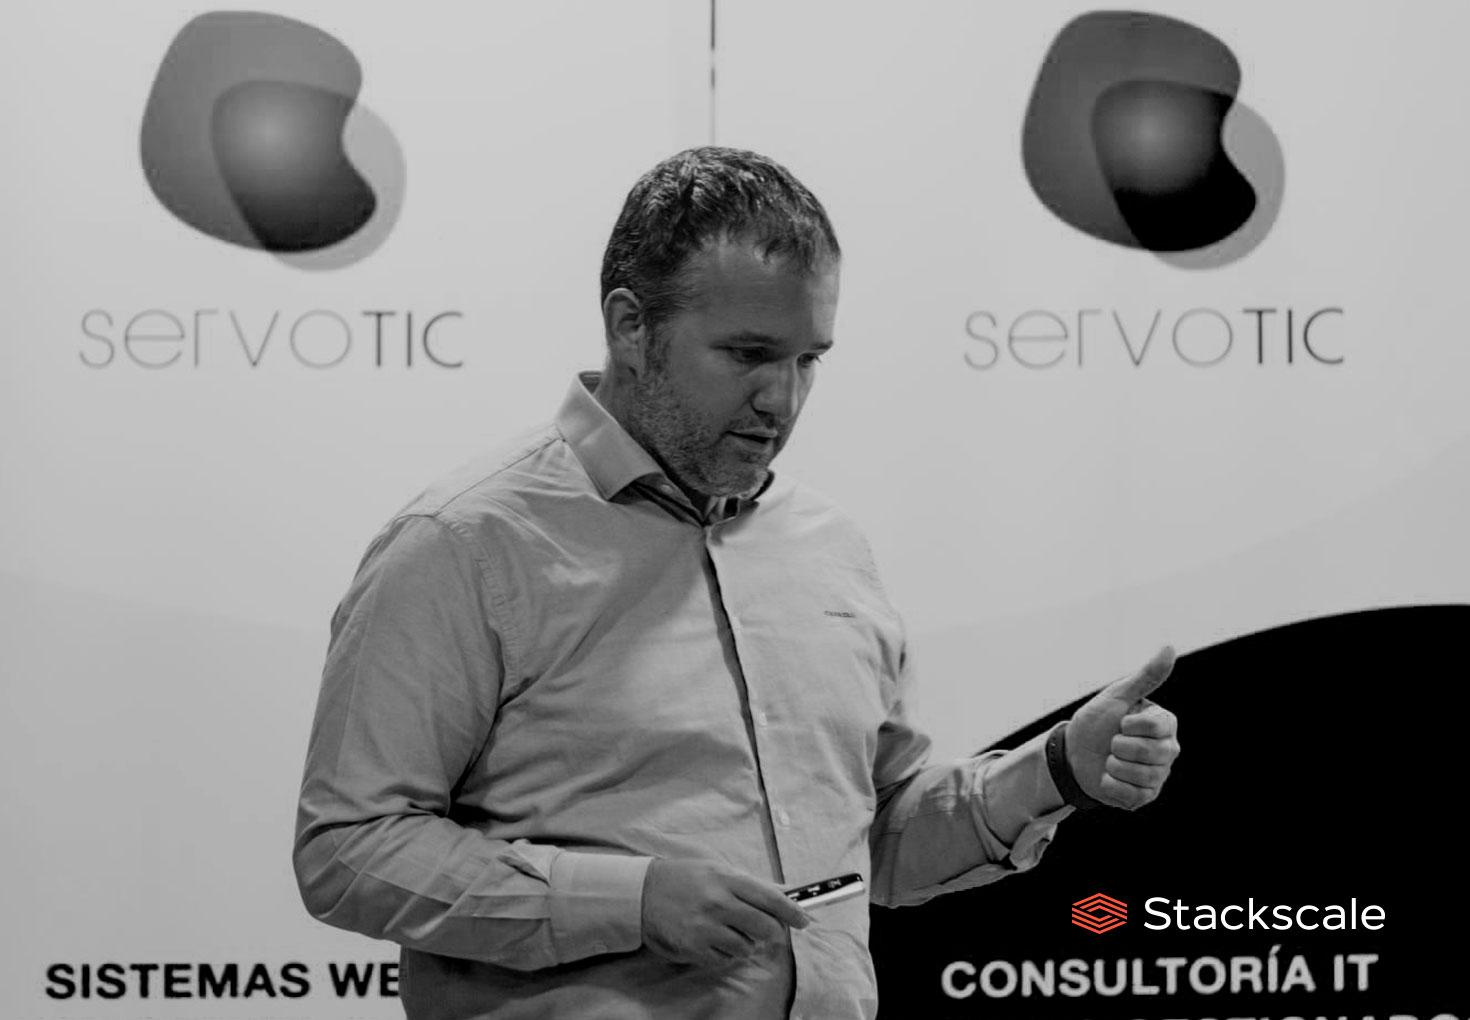 David Carrero de Stackscale en el evento Servotic en IMPACT HUB